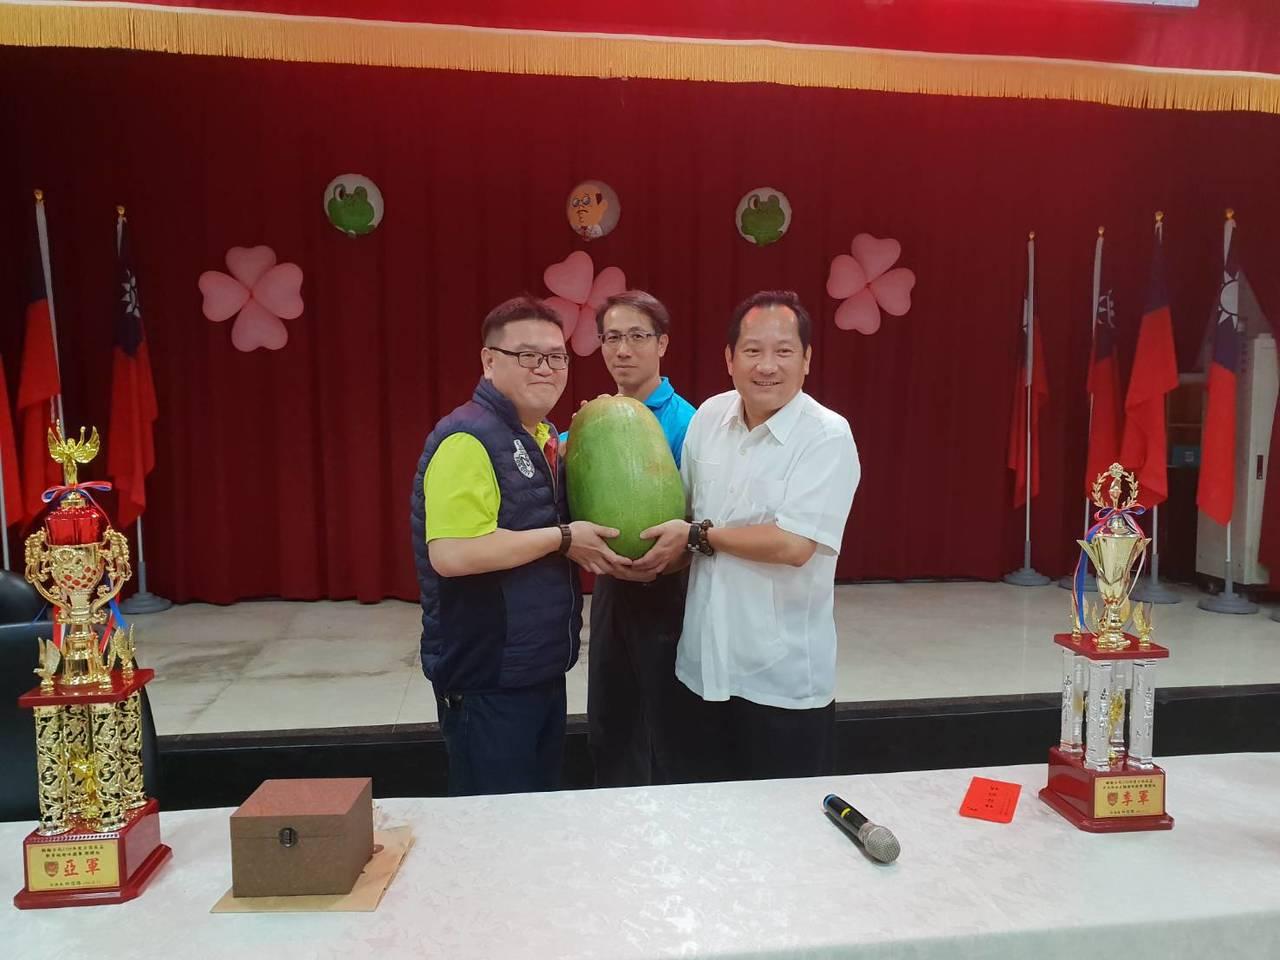 楊梅警友辦事處主任許志寧(左)也到場加油打氣,並送每位員警超商禮卷500元,另外...